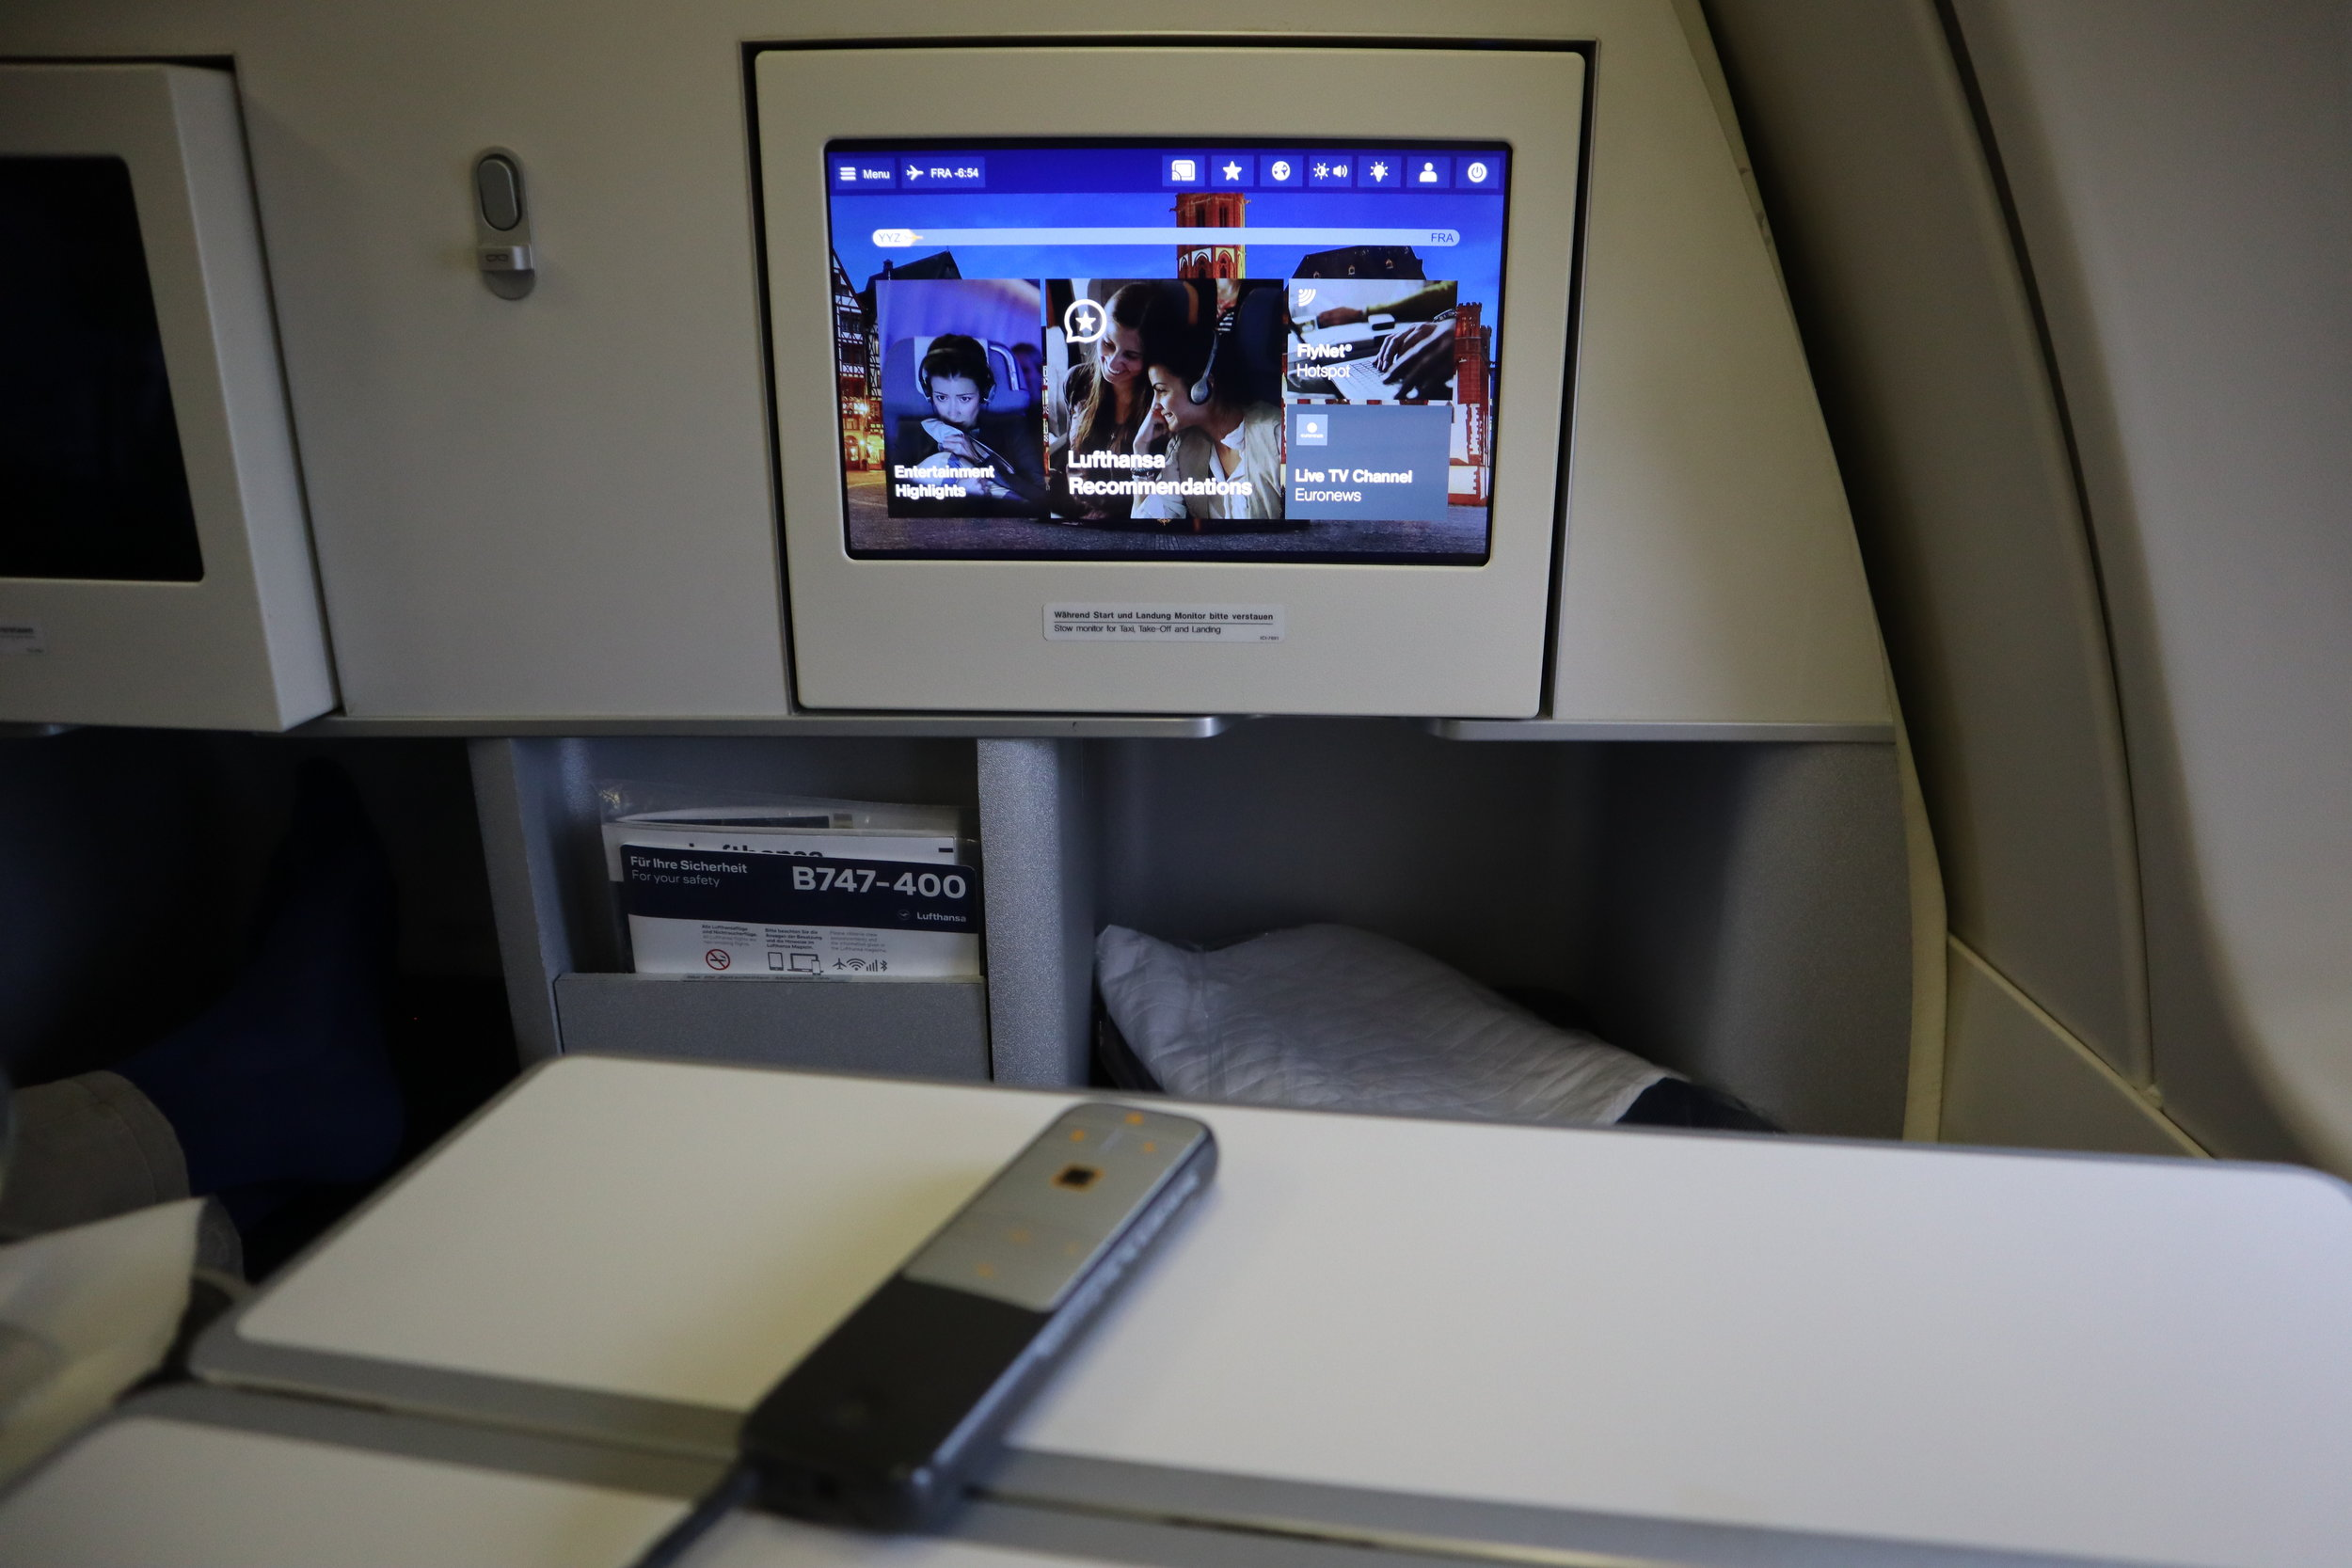 Lufthansa 747-400 business class – Entertainment system